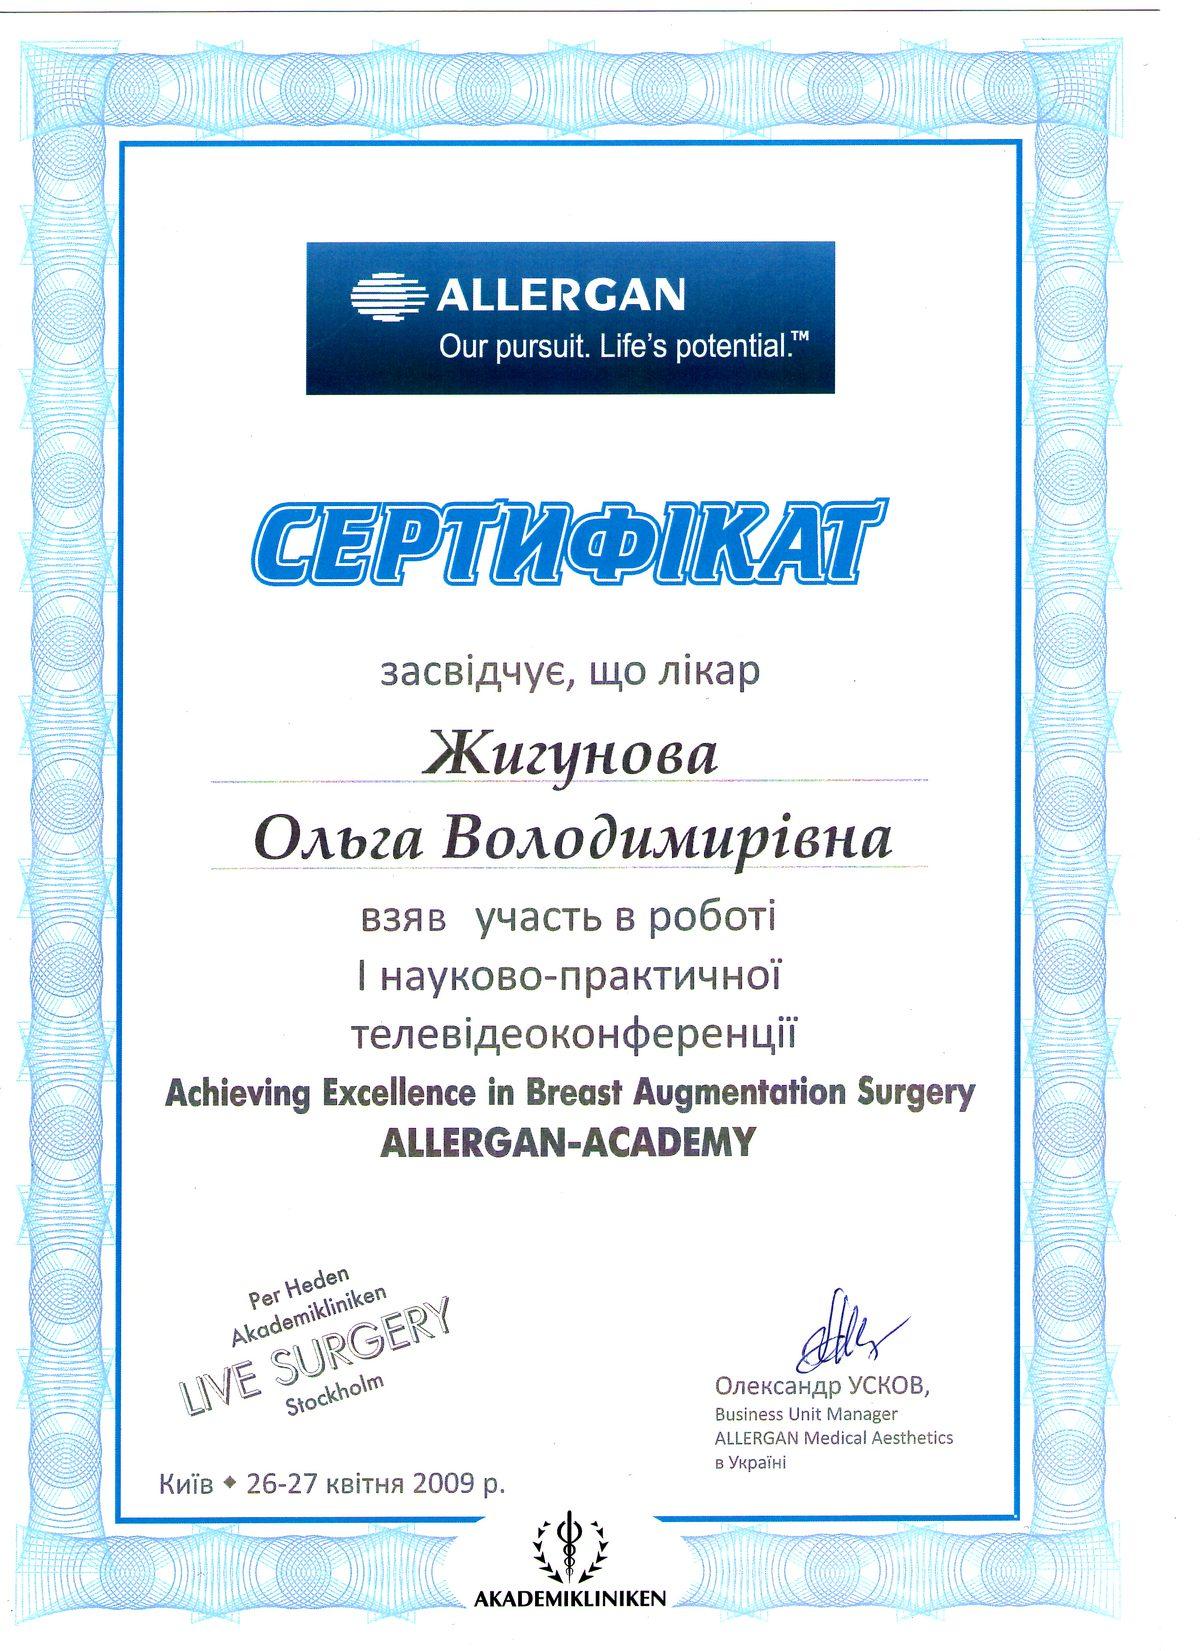 Документ №:5 Сертификат пластического хирурга Жигуновой Ольги Владимировны